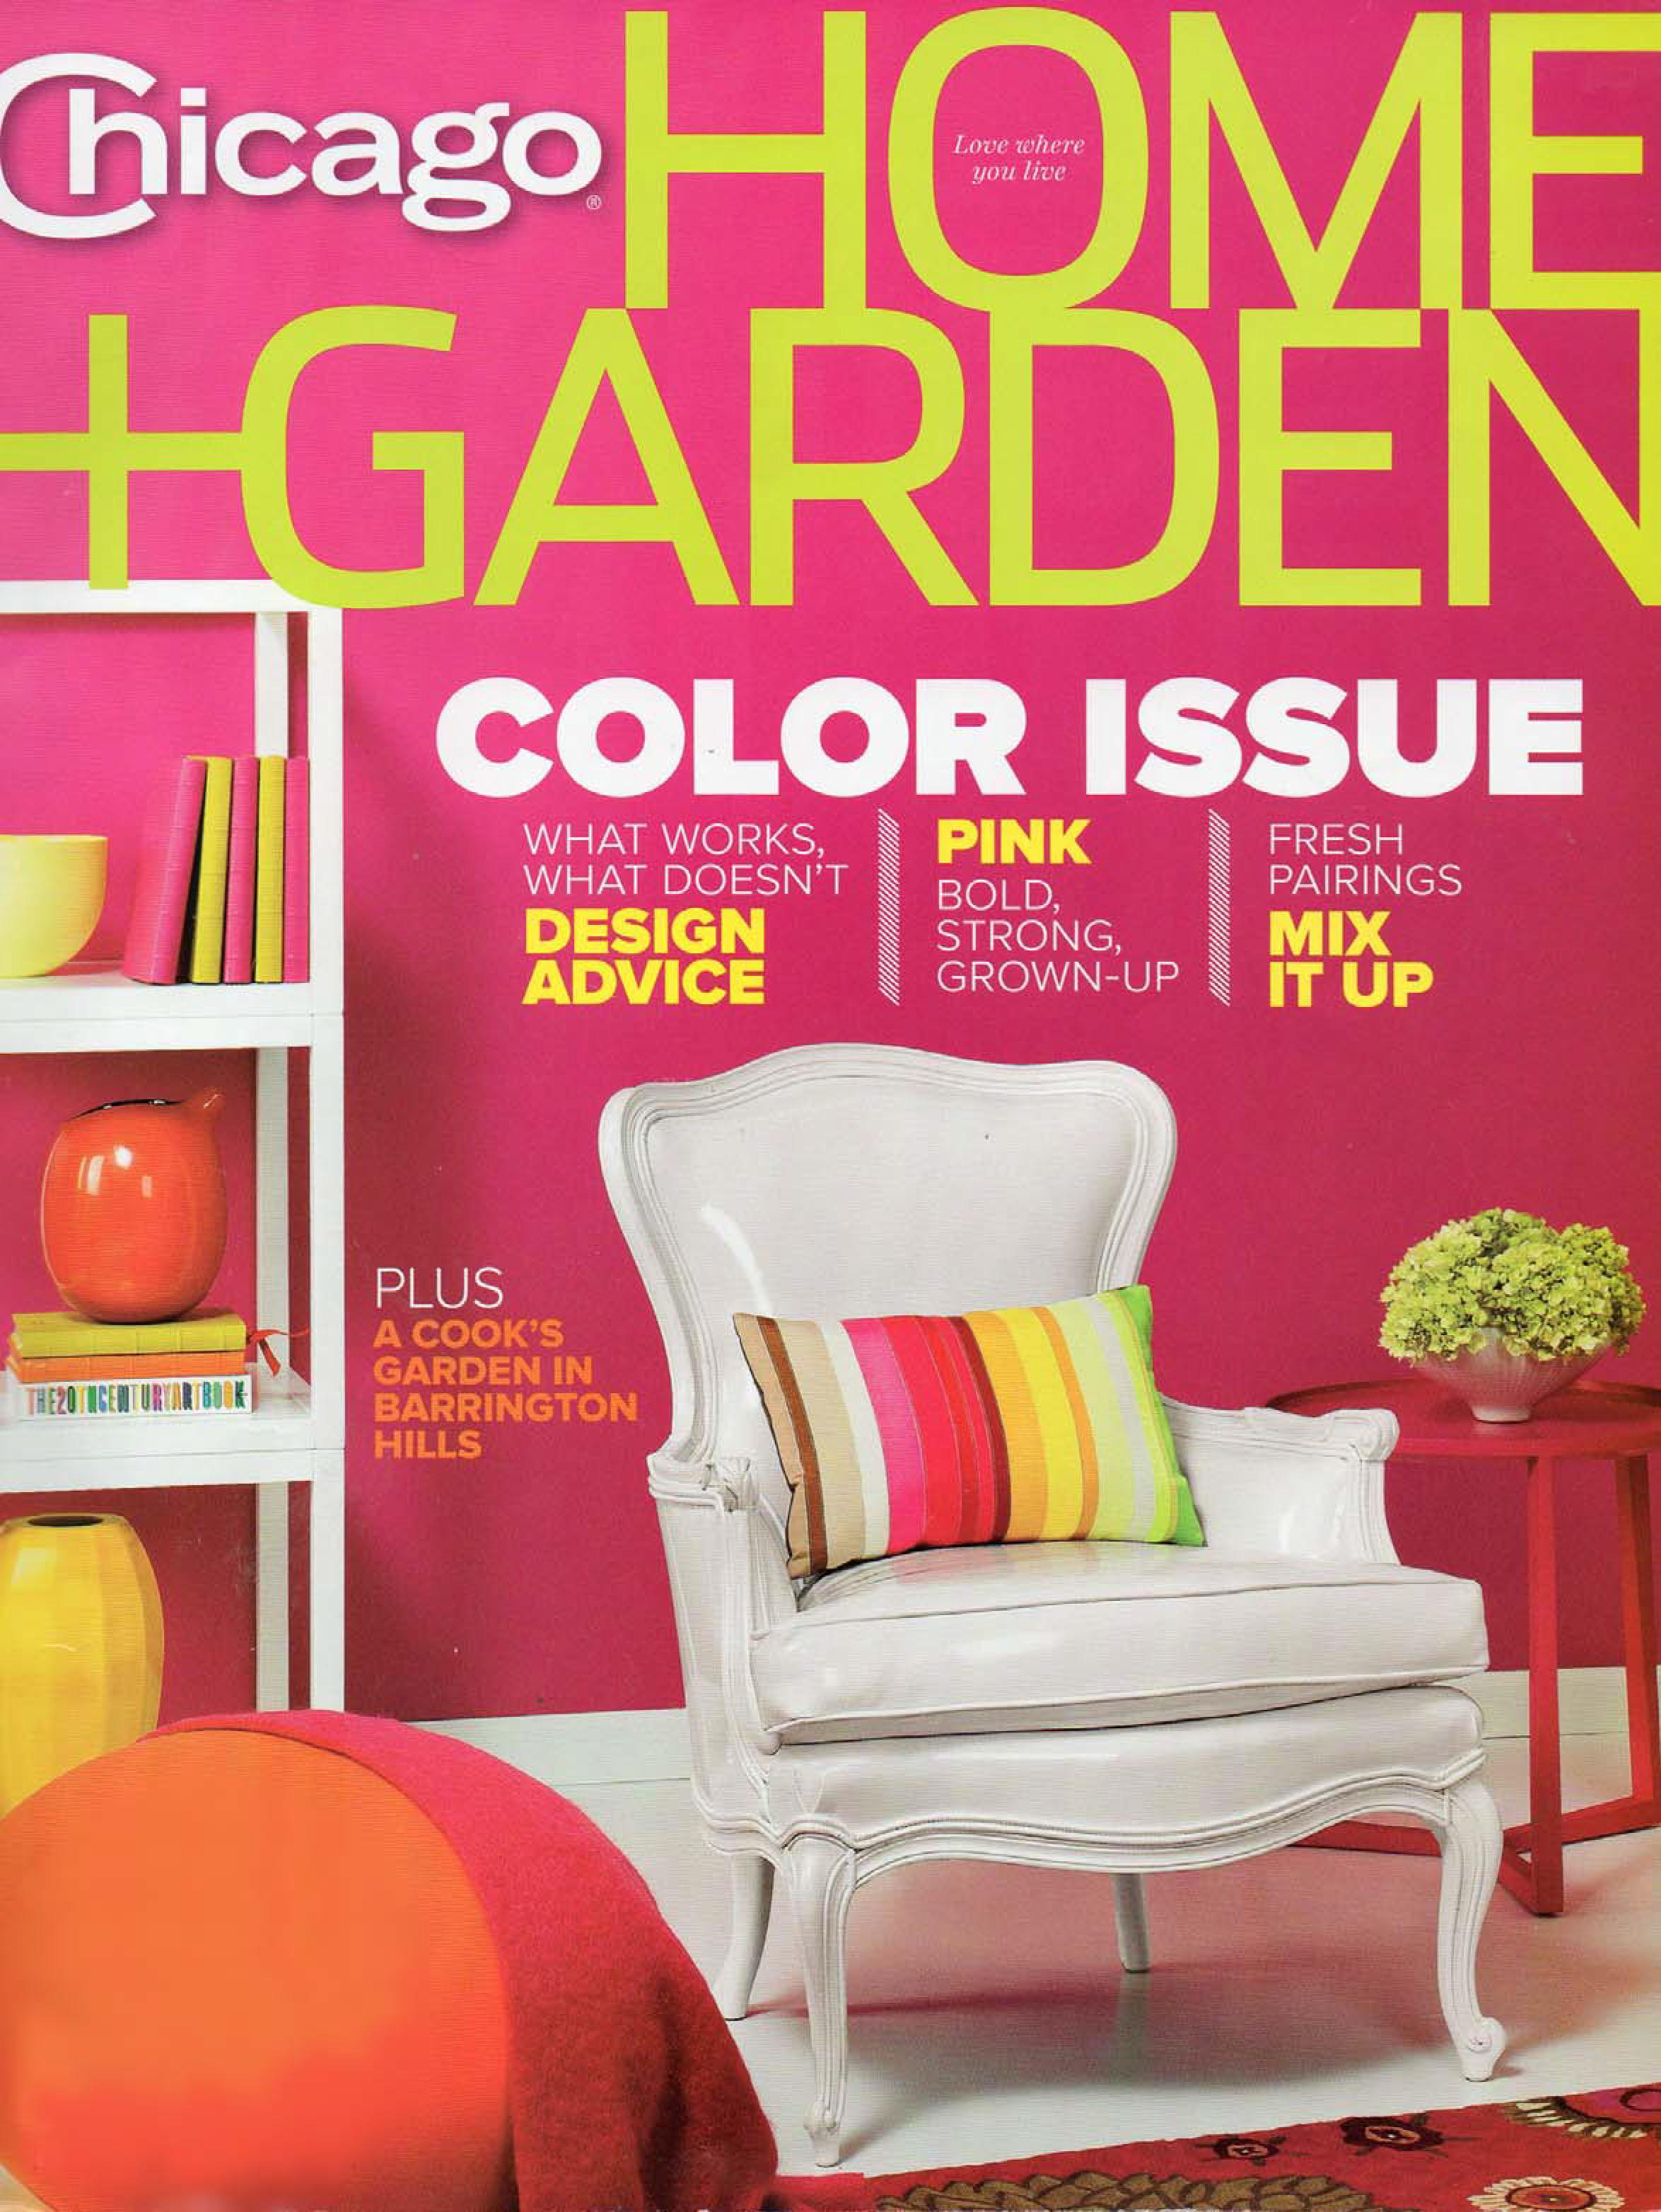 Chicago Home & Garden - Fall 2010